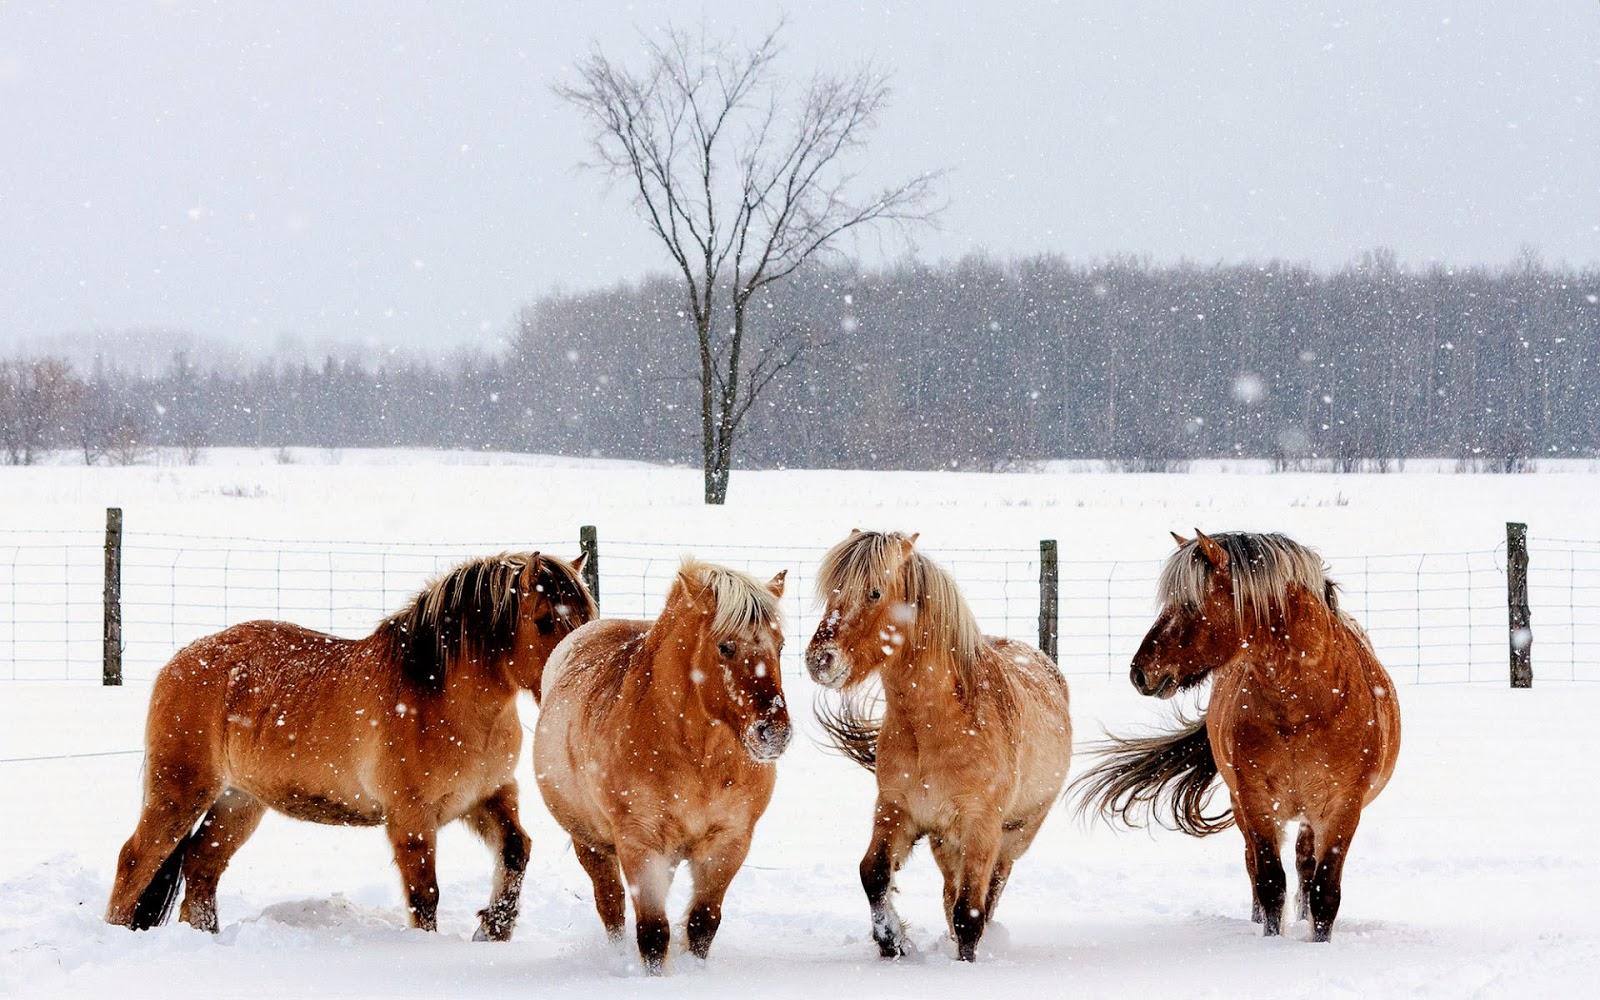 Foto bruine paarden in de sneeuw met de winter